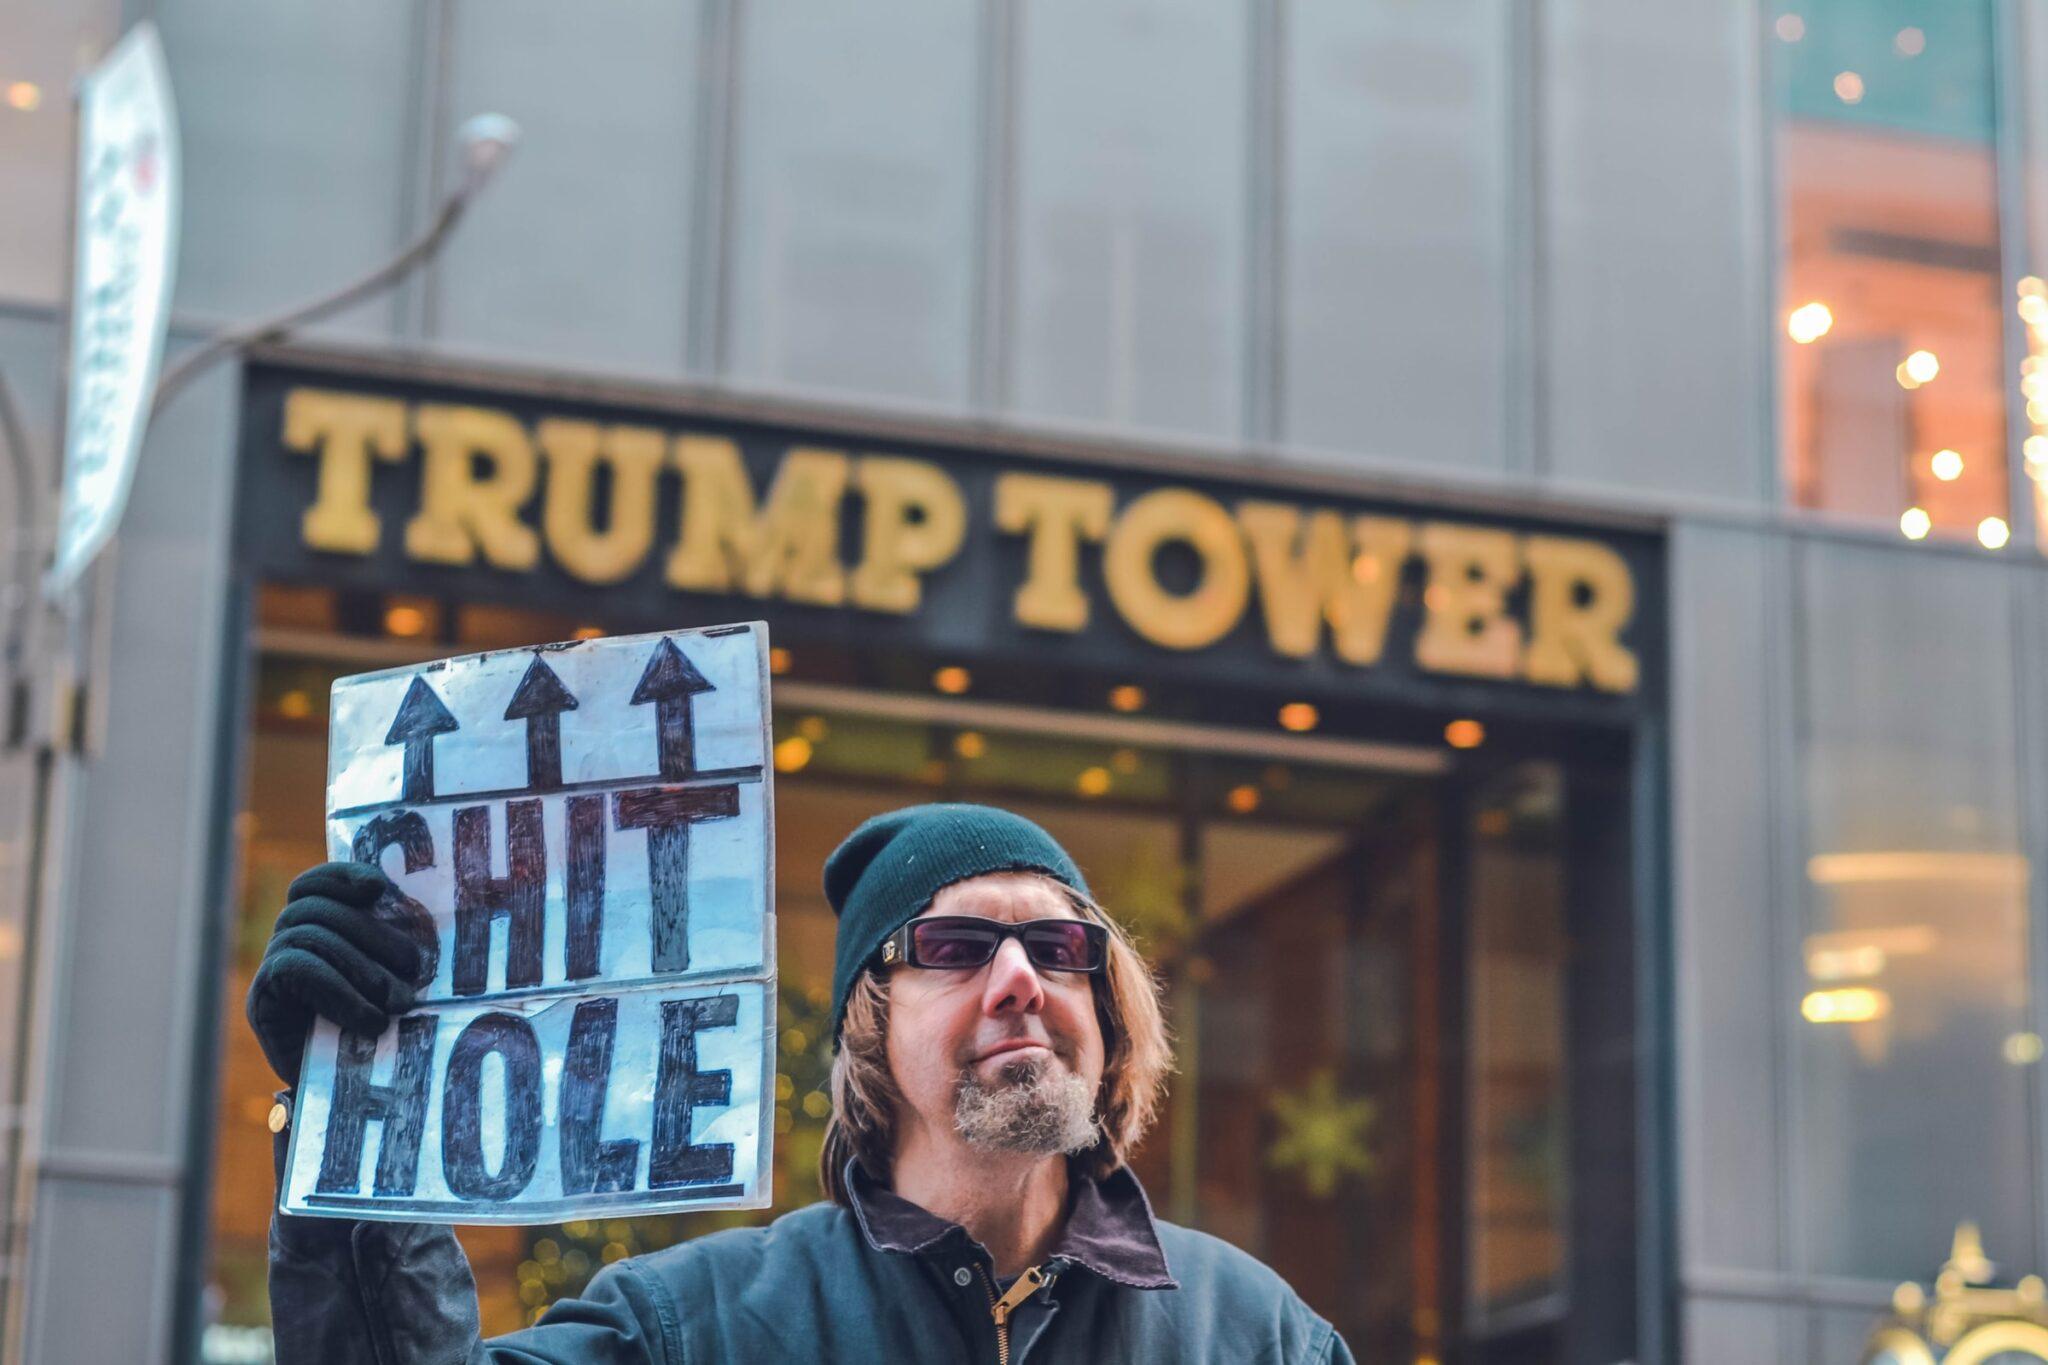 """Ein bärtiger mittelalter Mann mit Mütze steht vor dem Turm Tower und hält ein Schild mit """"Shit Hole"""" Aufschrift hoch."""